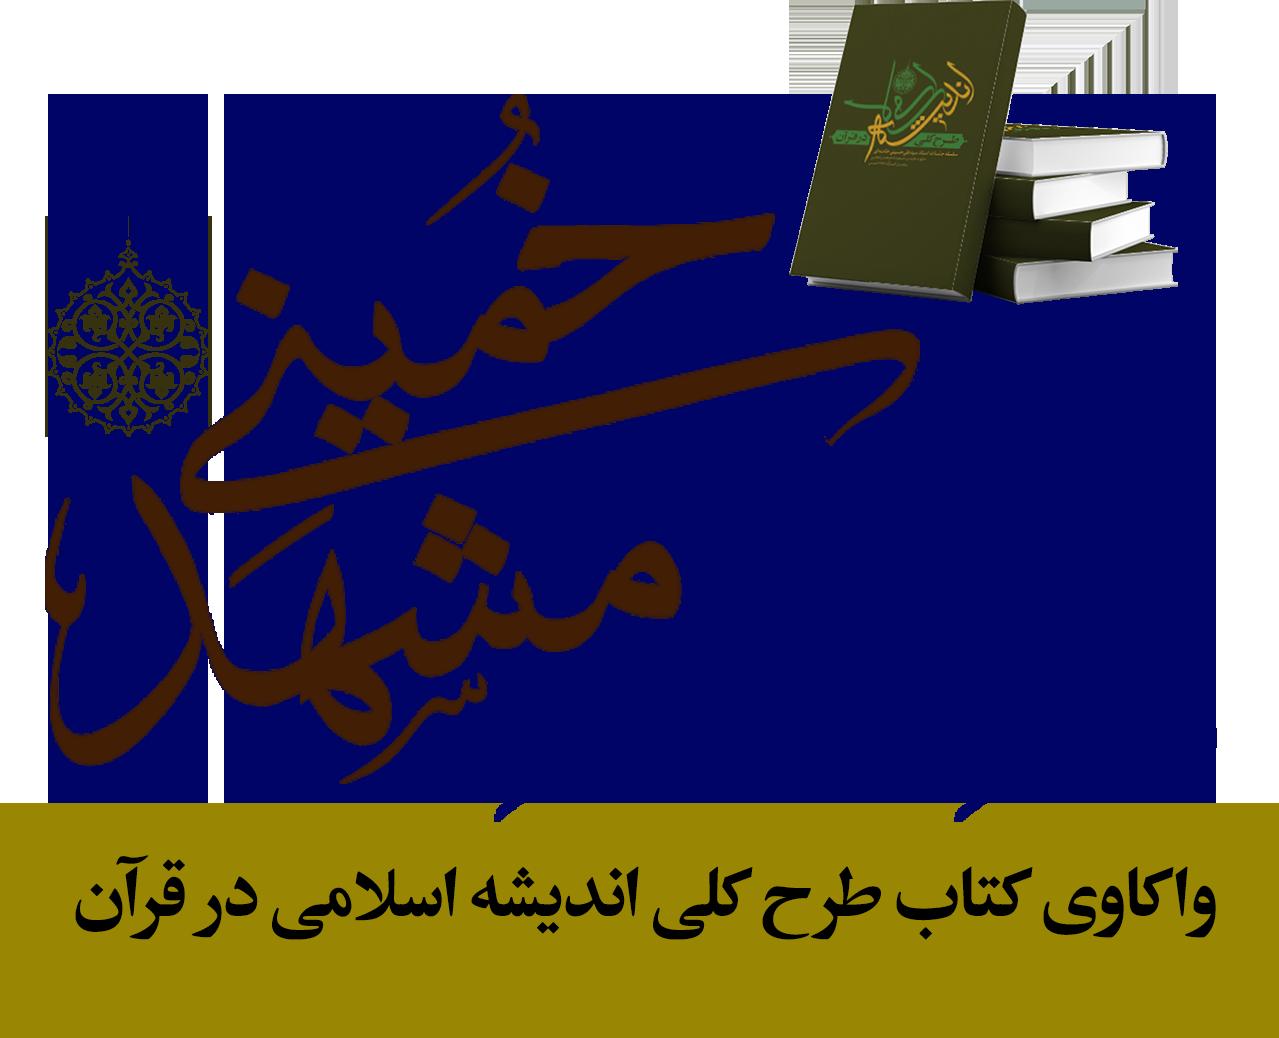 پای درس خمینی مشهد